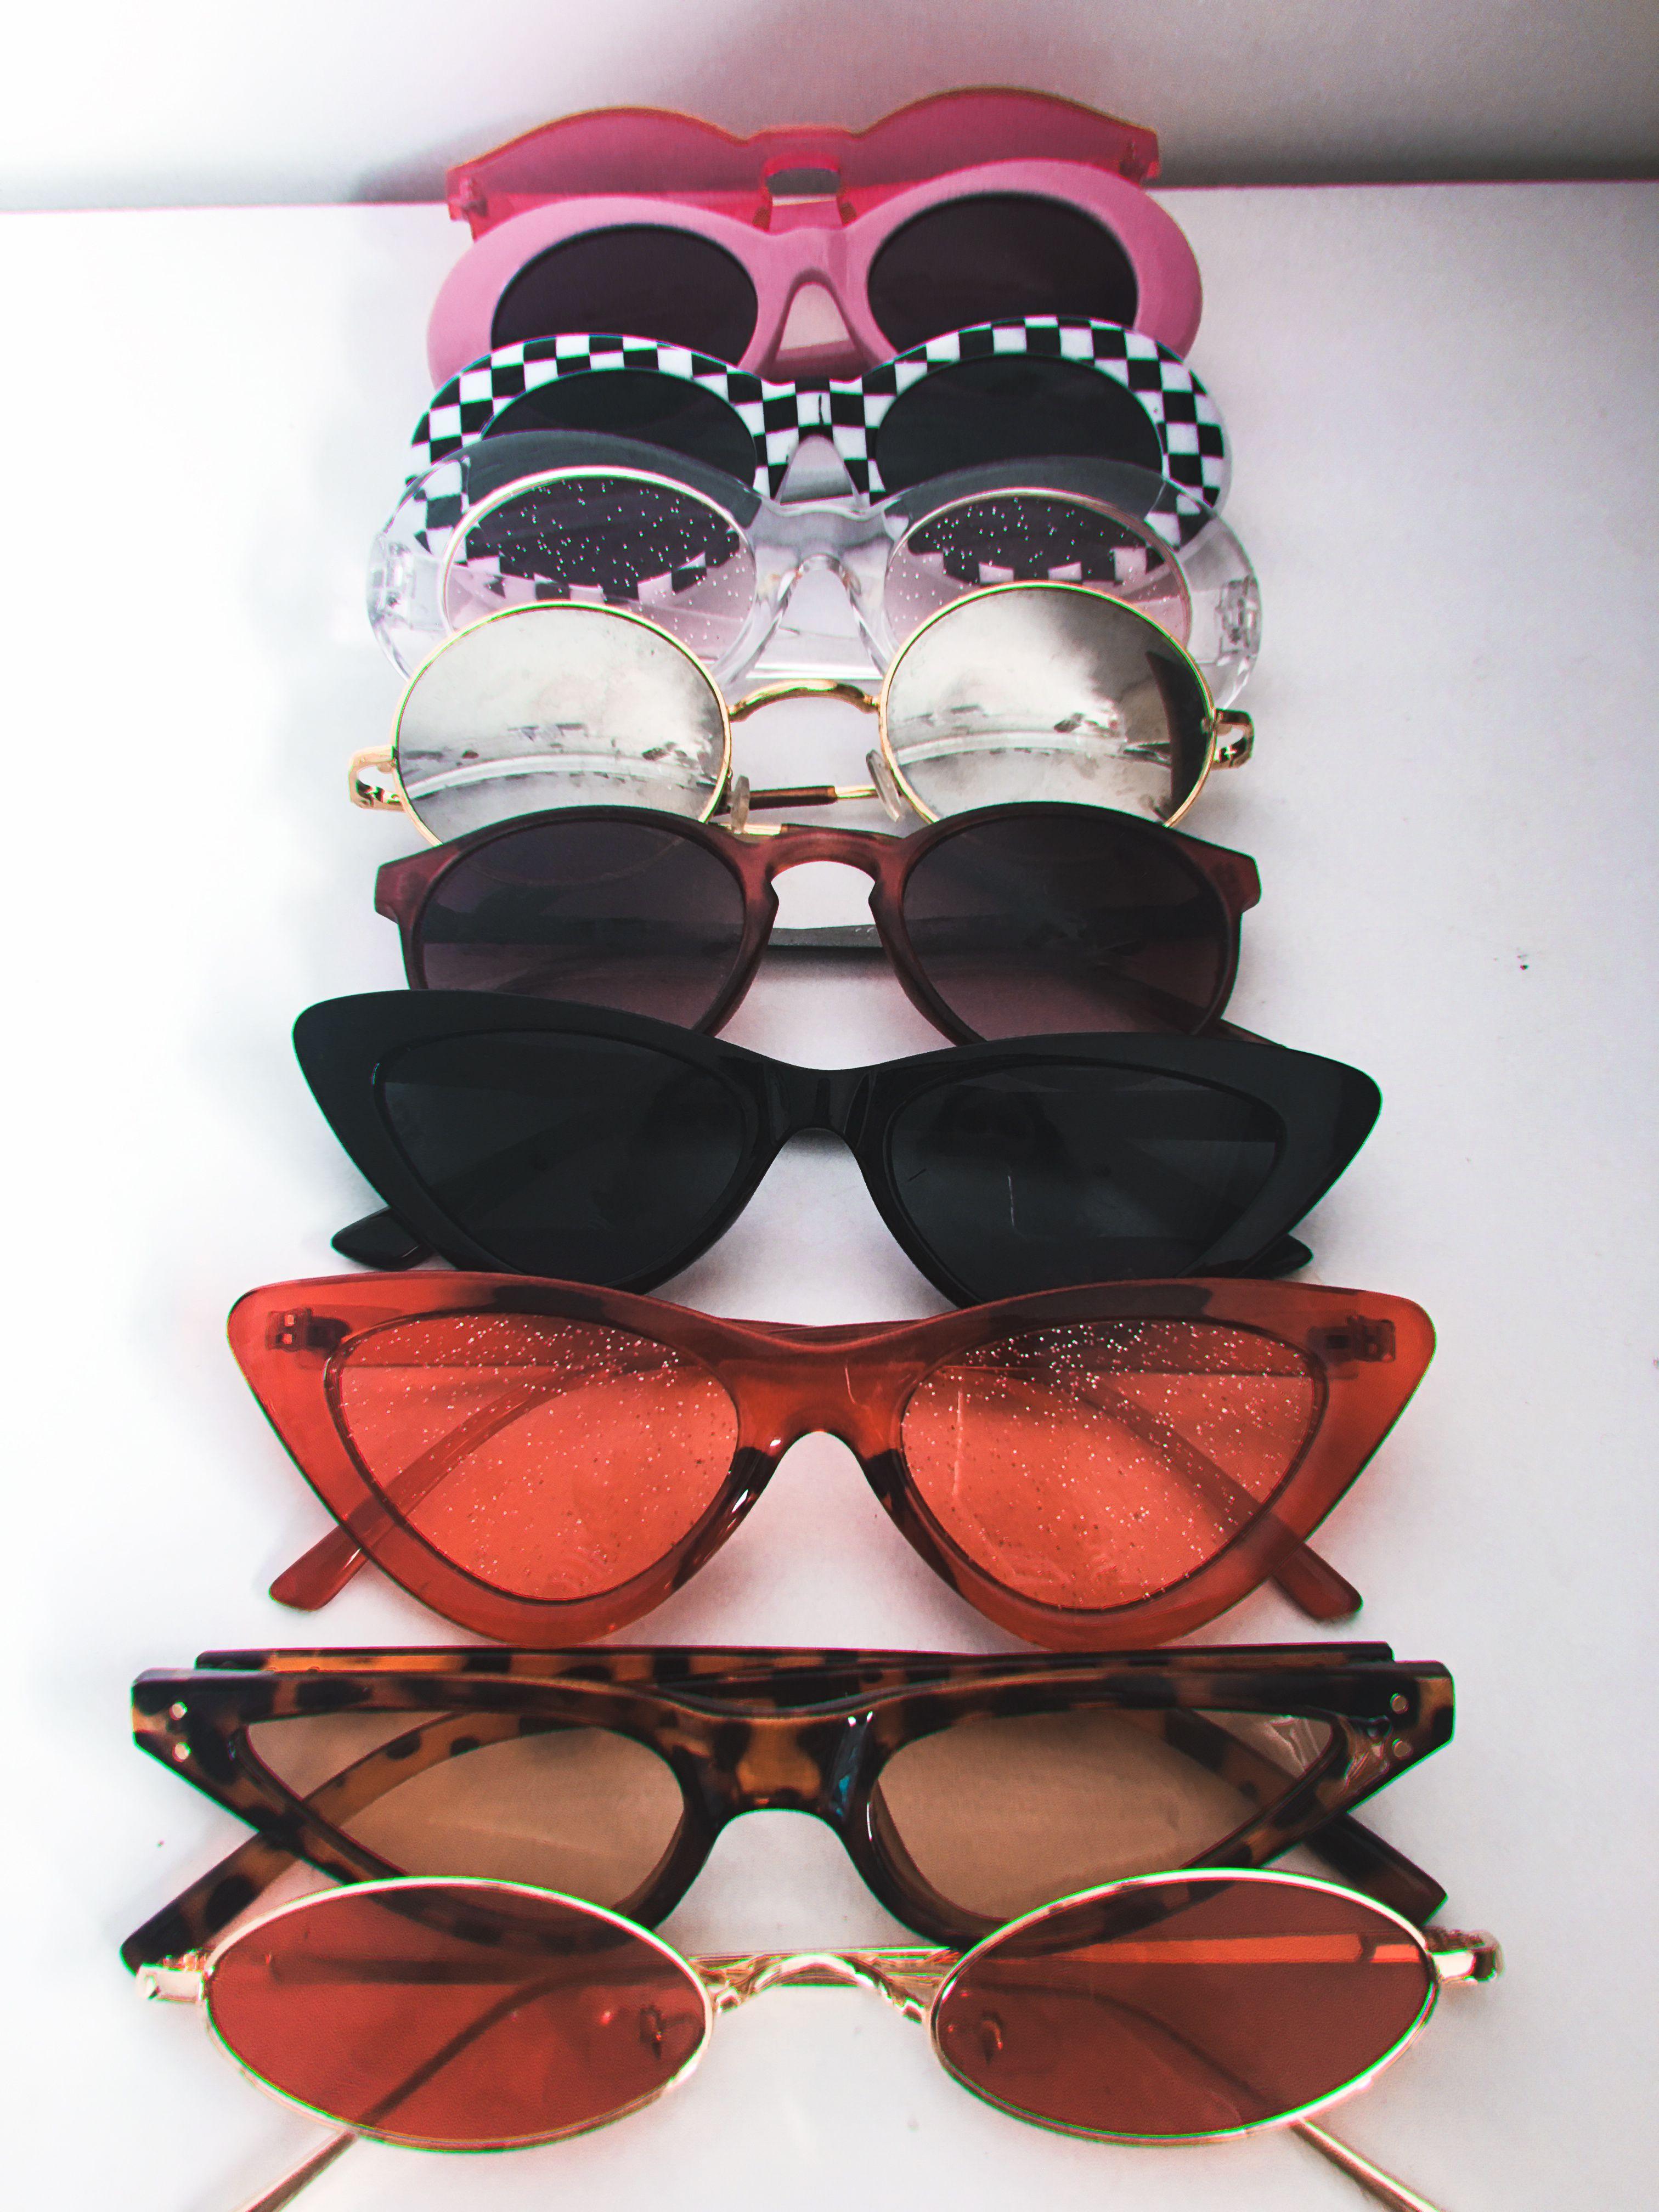 Sun Glasses Collection Set Retro Clout Goggles Sunglasses Vintage Coloured Lenses Aesthetic Oculos Da Moda Acessorios De Moda Oculos De Sol Retro